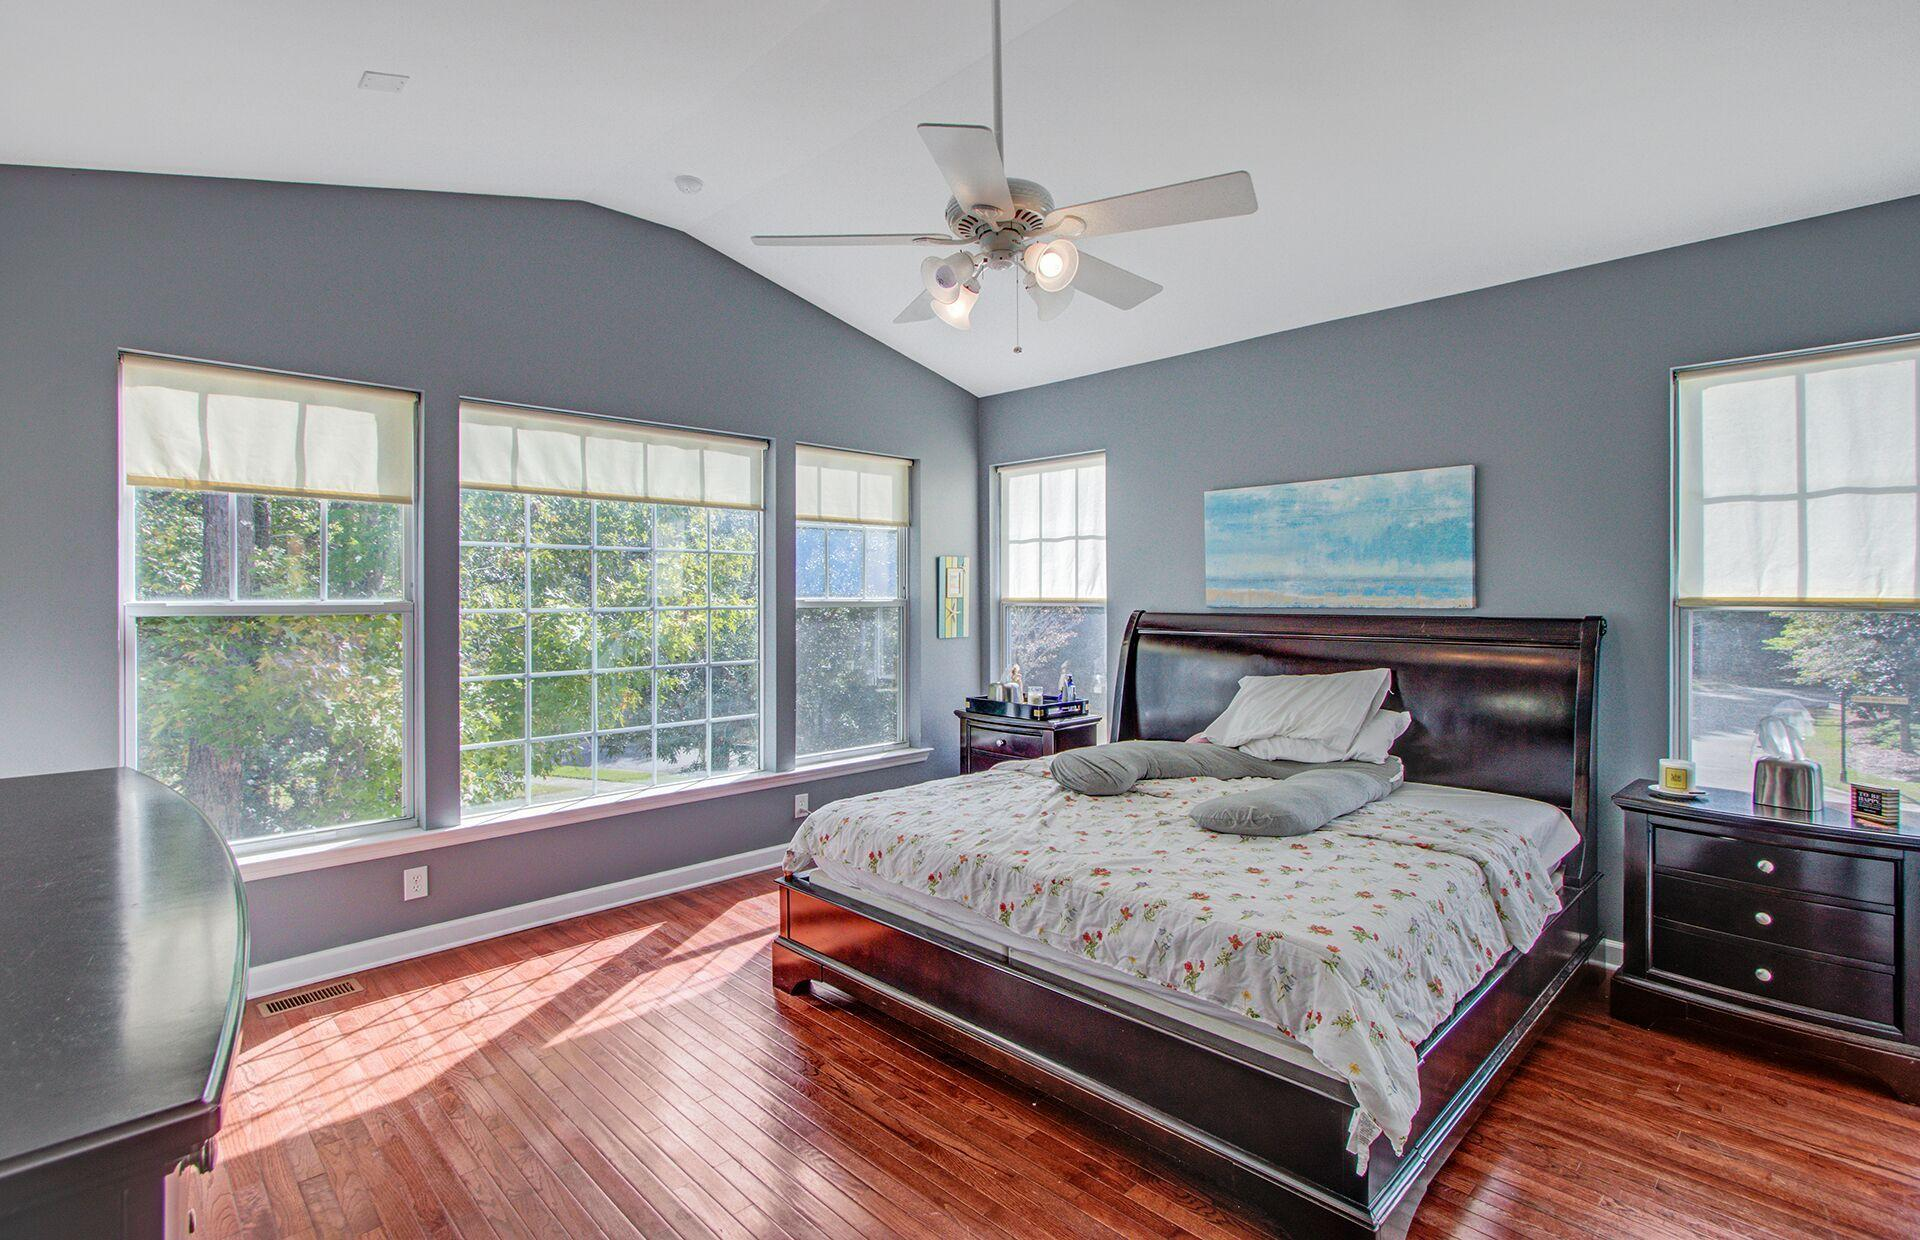 Dunes West Homes For Sale - 100 Fair Sailing, Mount Pleasant, SC - 16